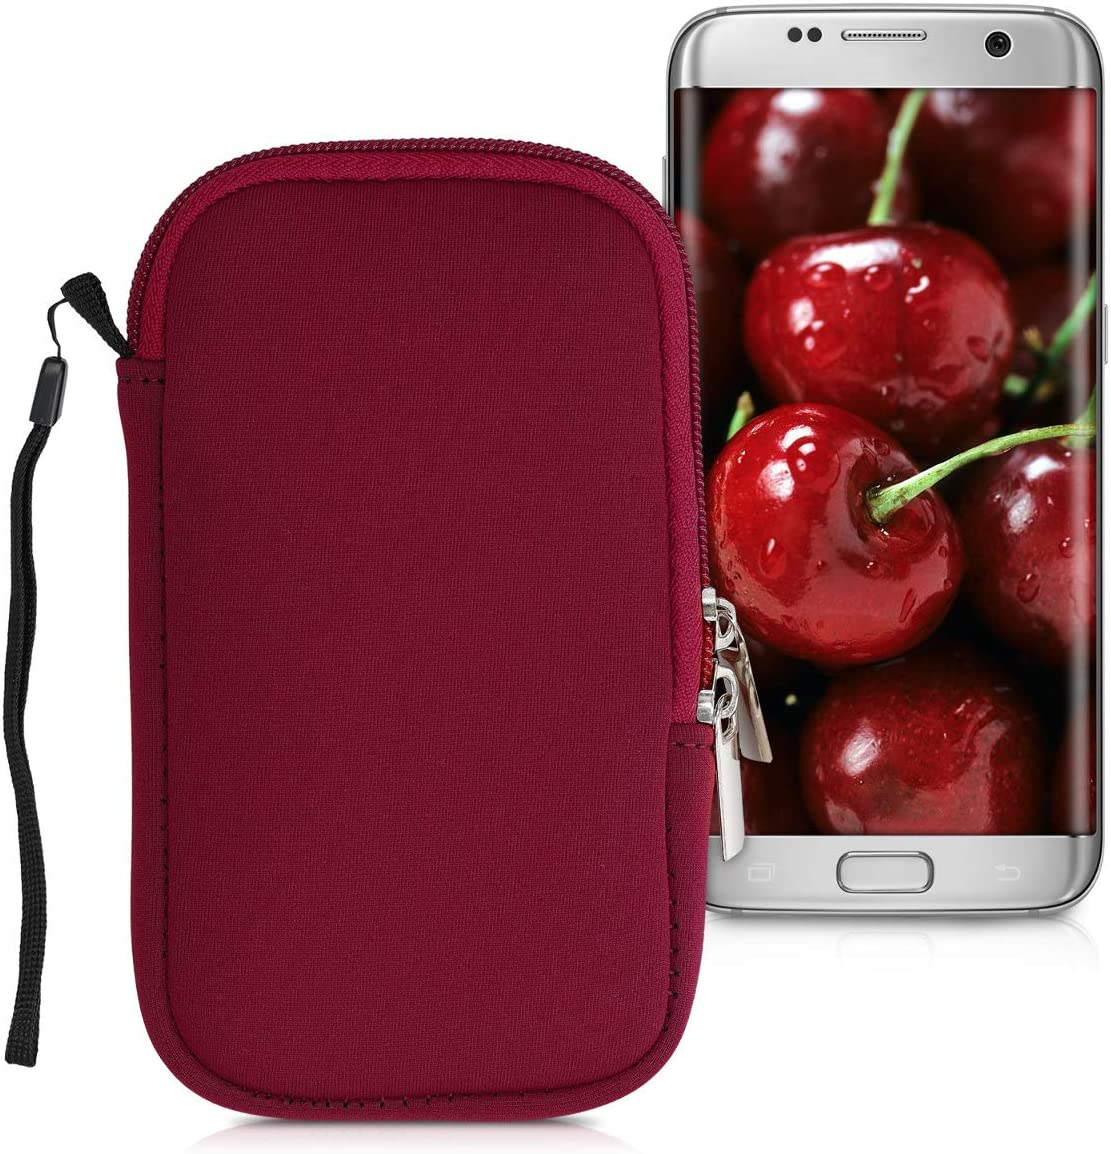 Kwmobile Handytasche Für Smartphones S 4 5 Neopren Elektronik